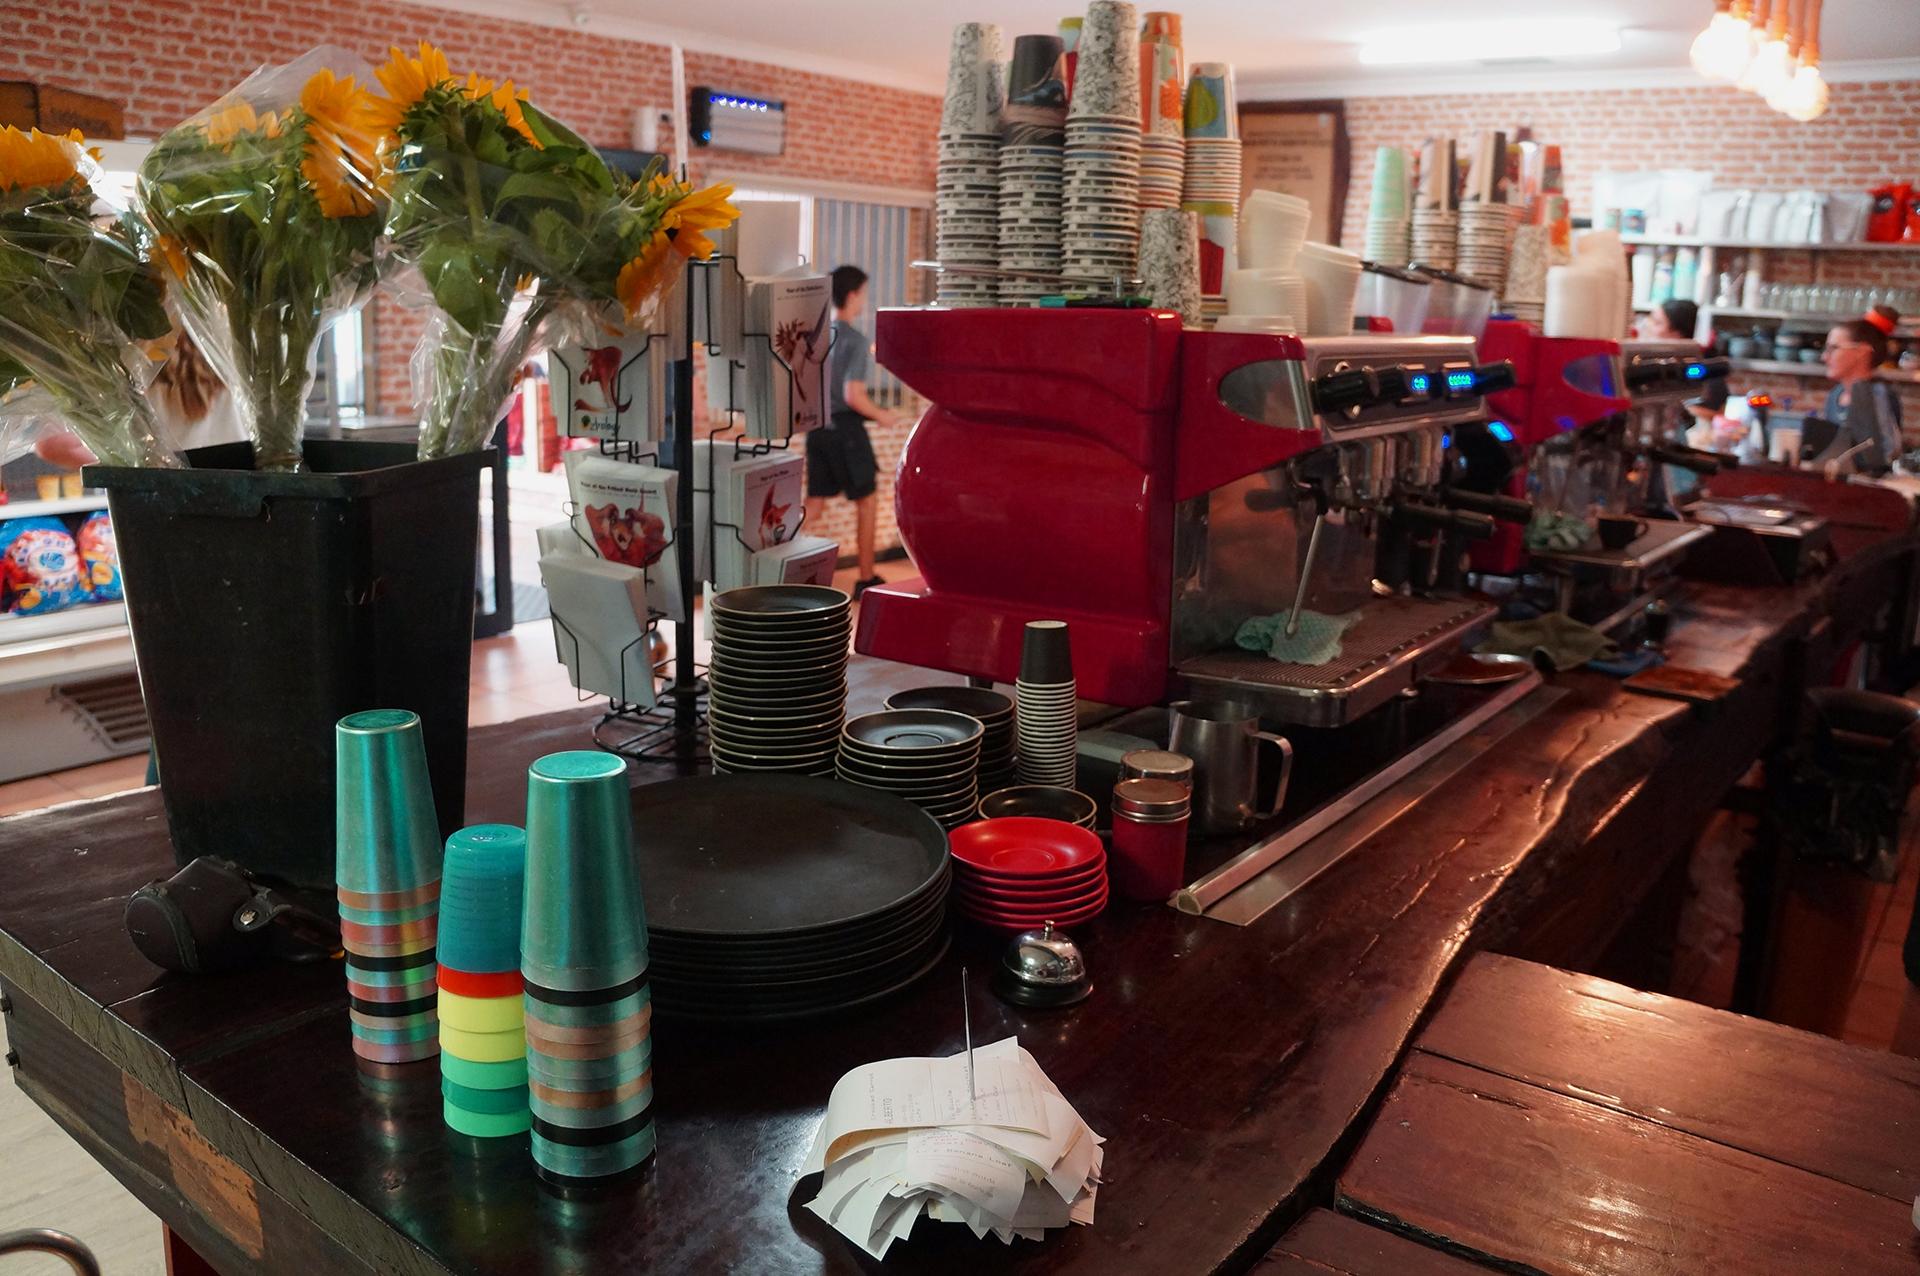 Inside cafe 6